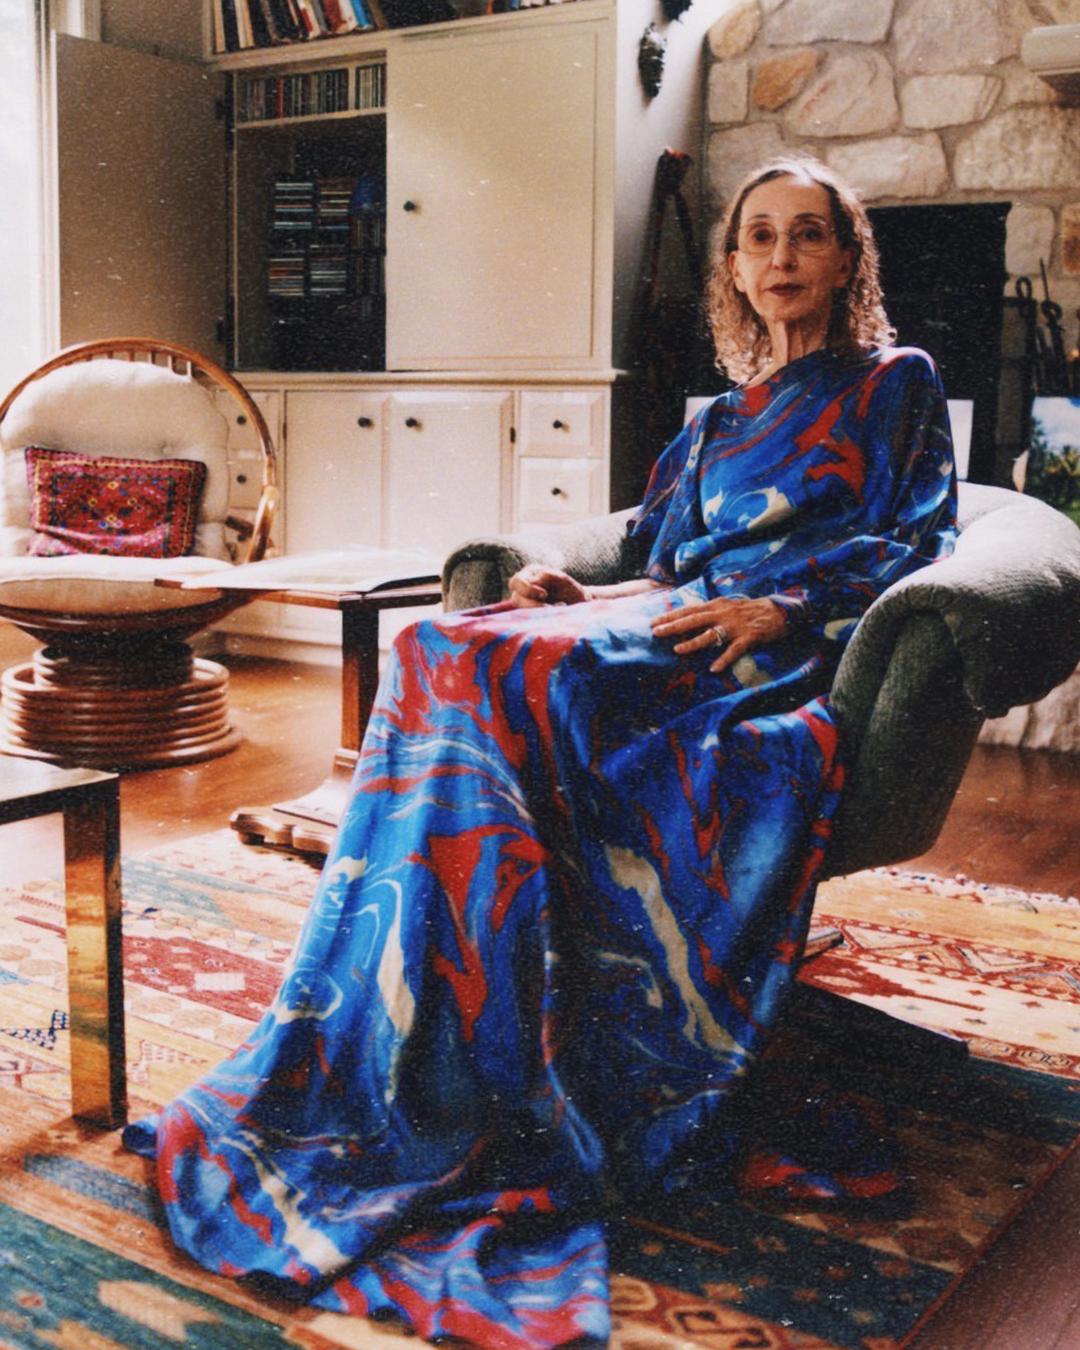 Ta efter produktiva Joyce Carol Oates skrivrutiner